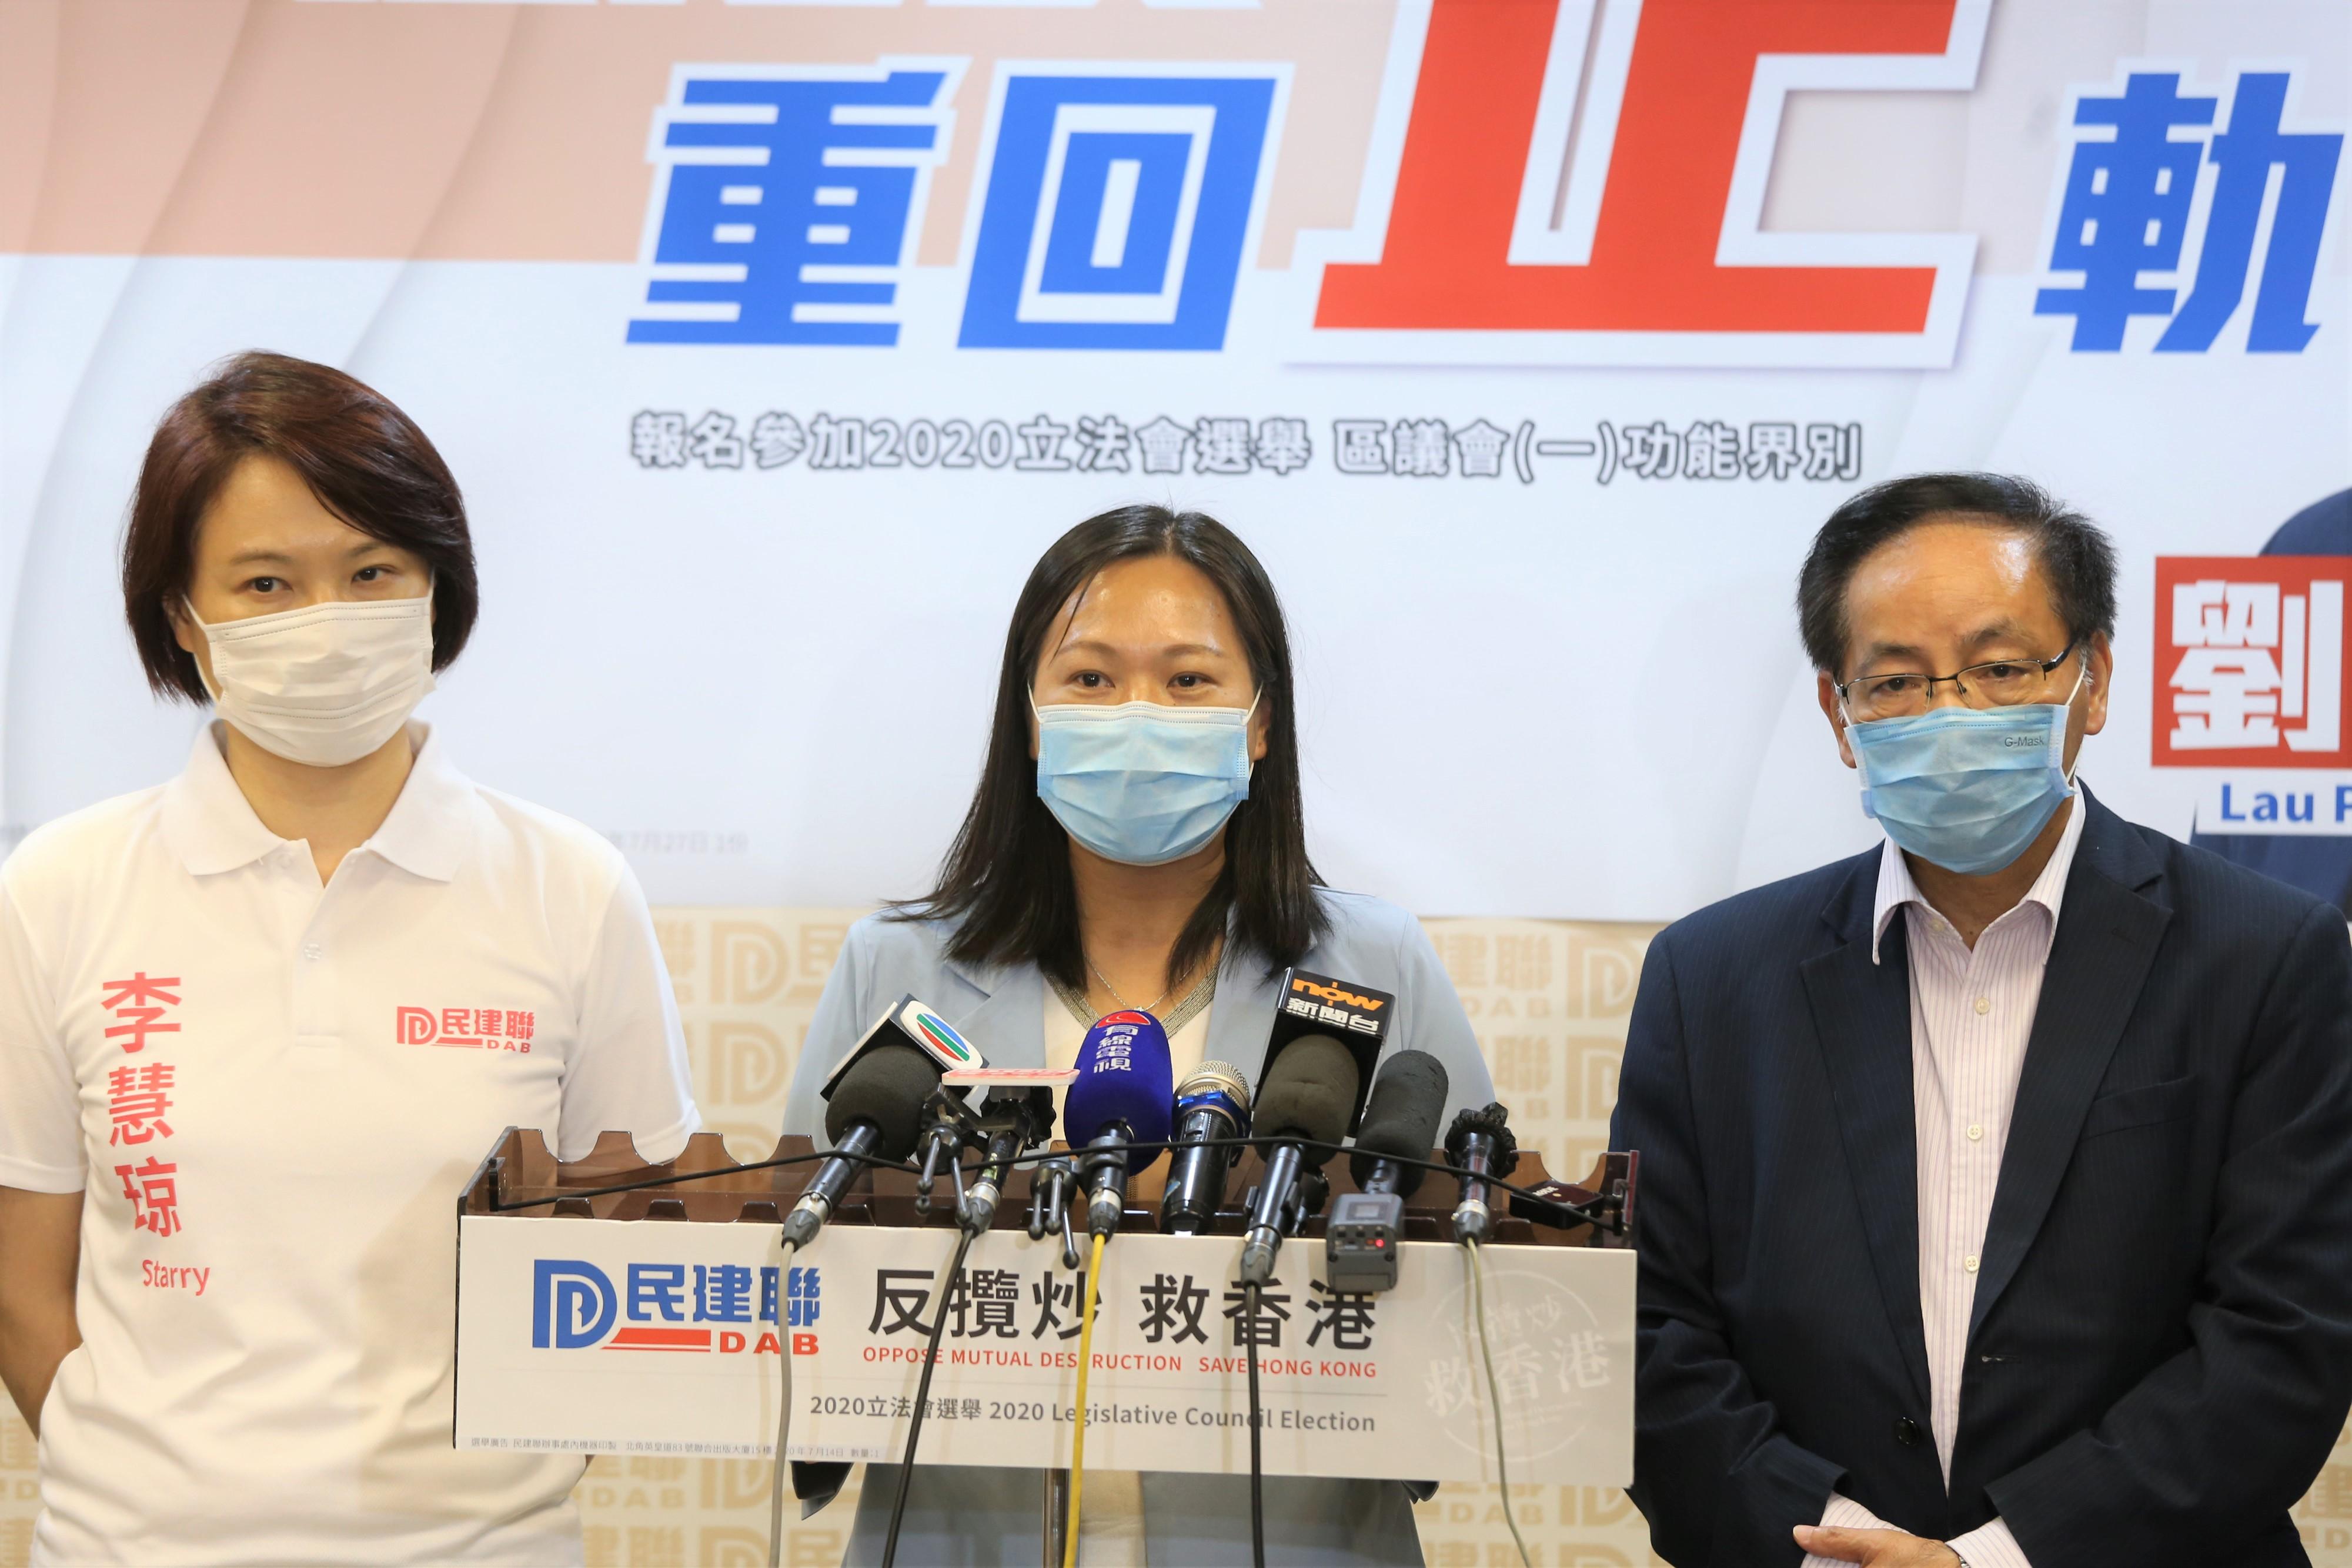 劉佩玉正式報名參選區議會(一)